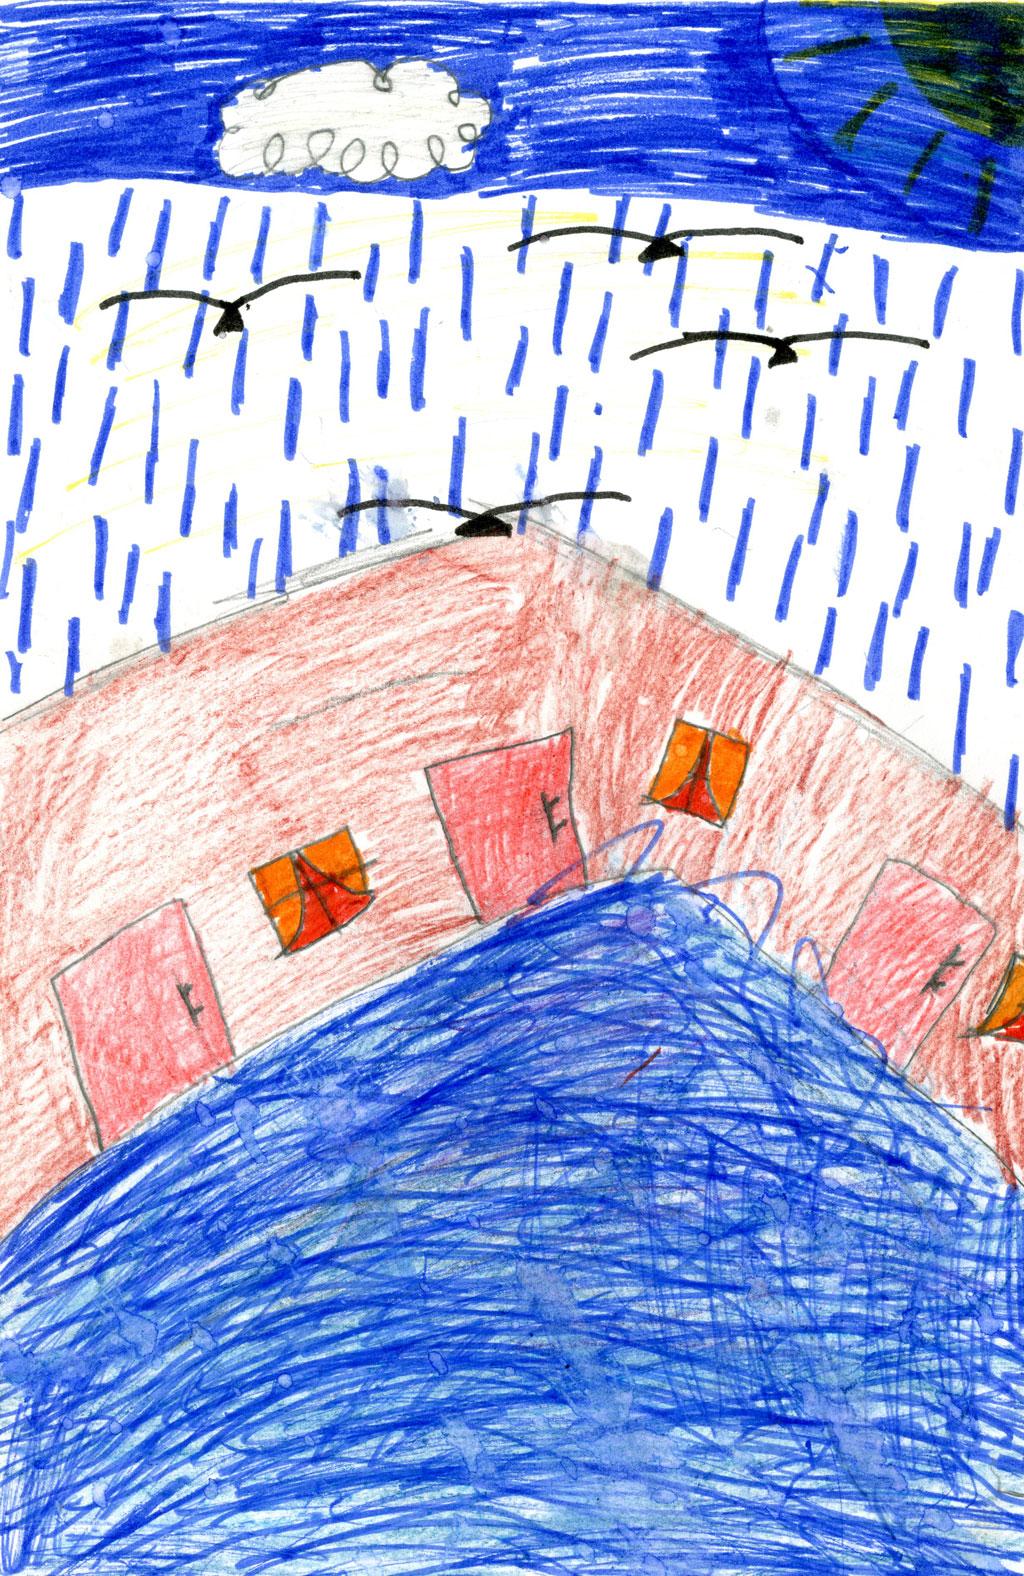 تساقطات مطرية غزيرة على مدينة بني ملال